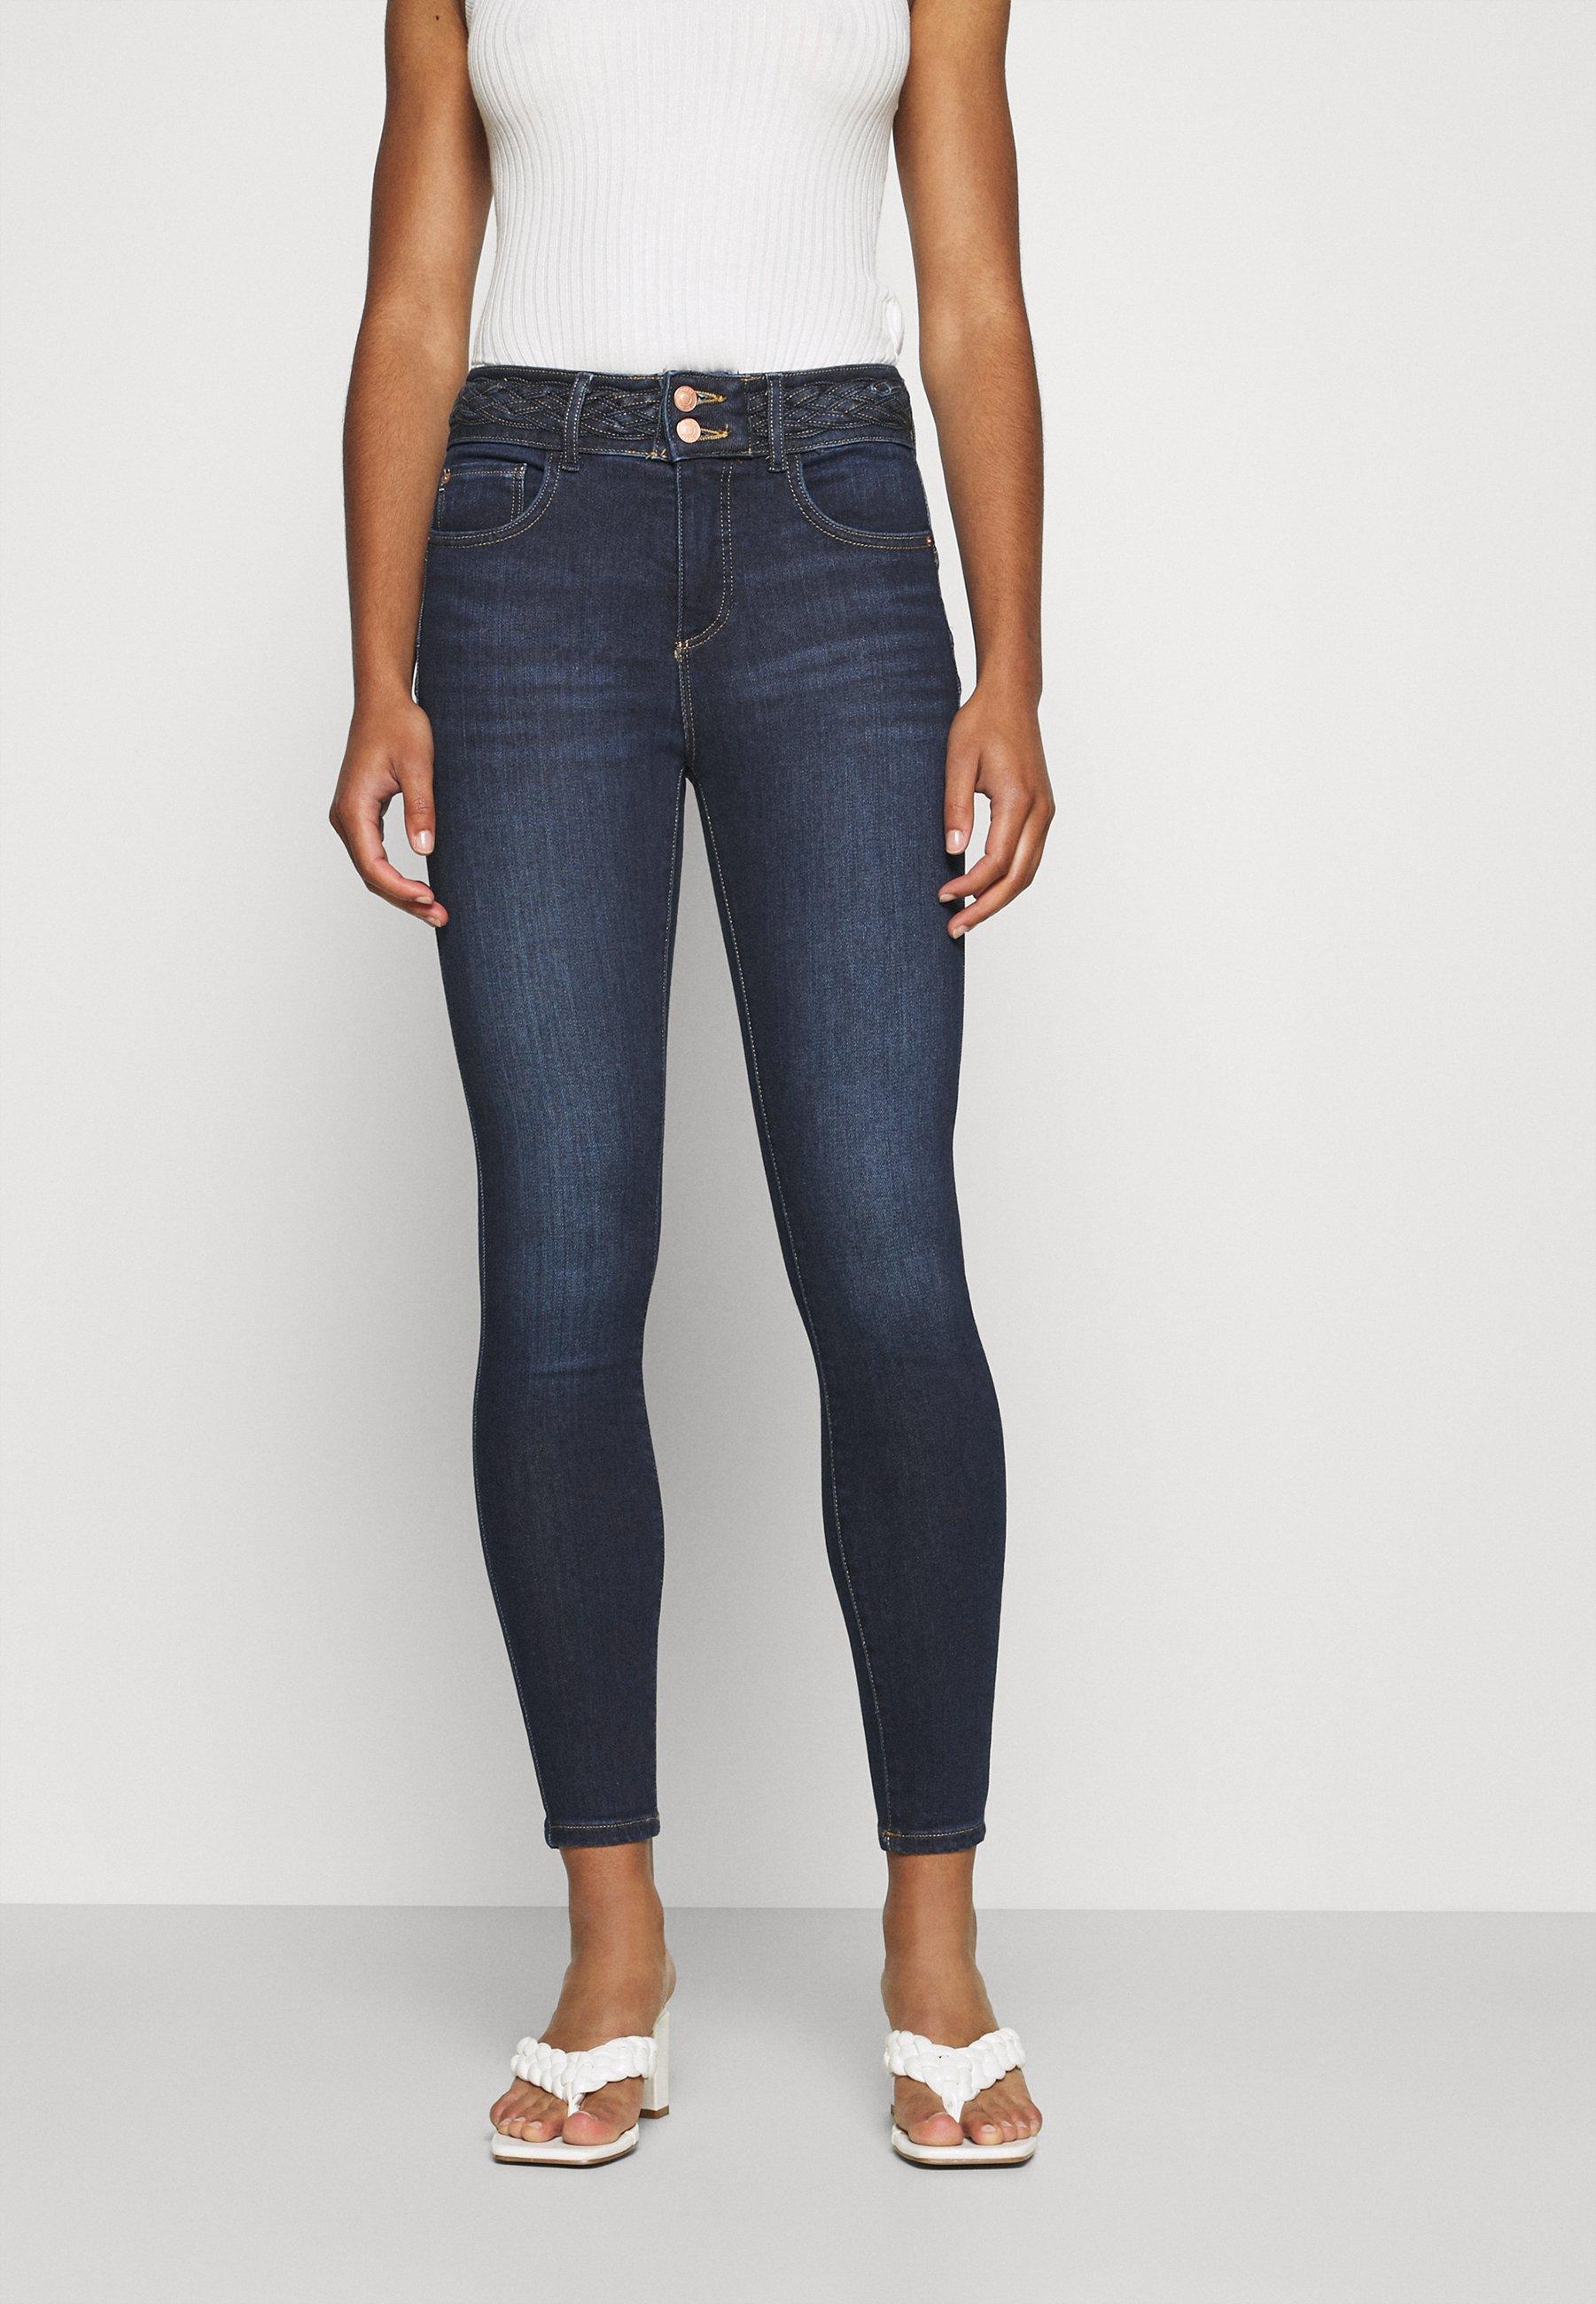 Femme SHAPE UP BRAIDED WAISTBAND - Jeans Skinny